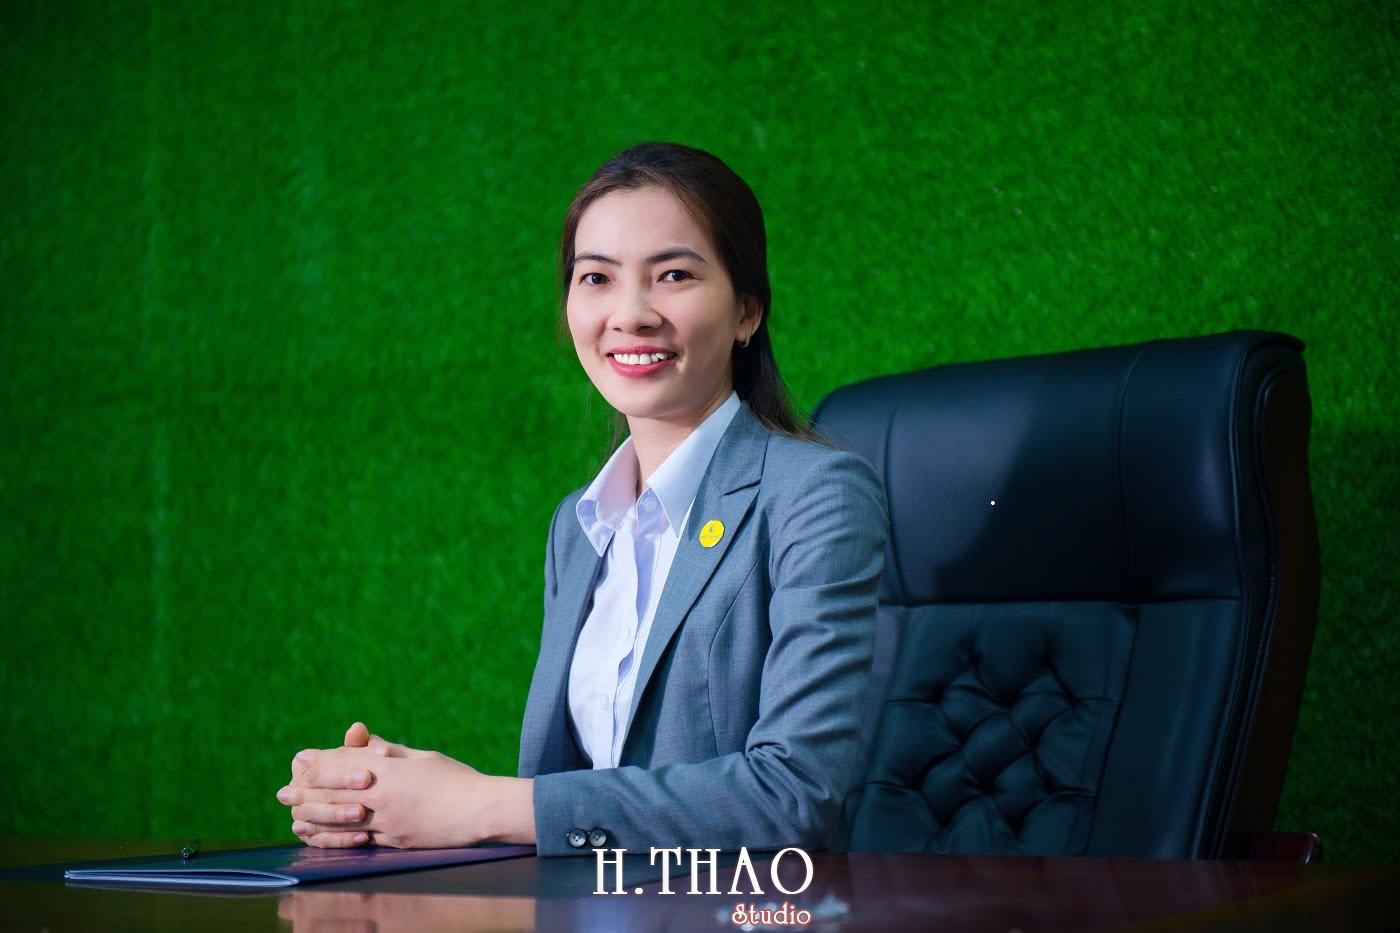 Phu Hung Land 17 - Album ảnh profile nhân sự công ty Phu Hung Land – HThao Studio